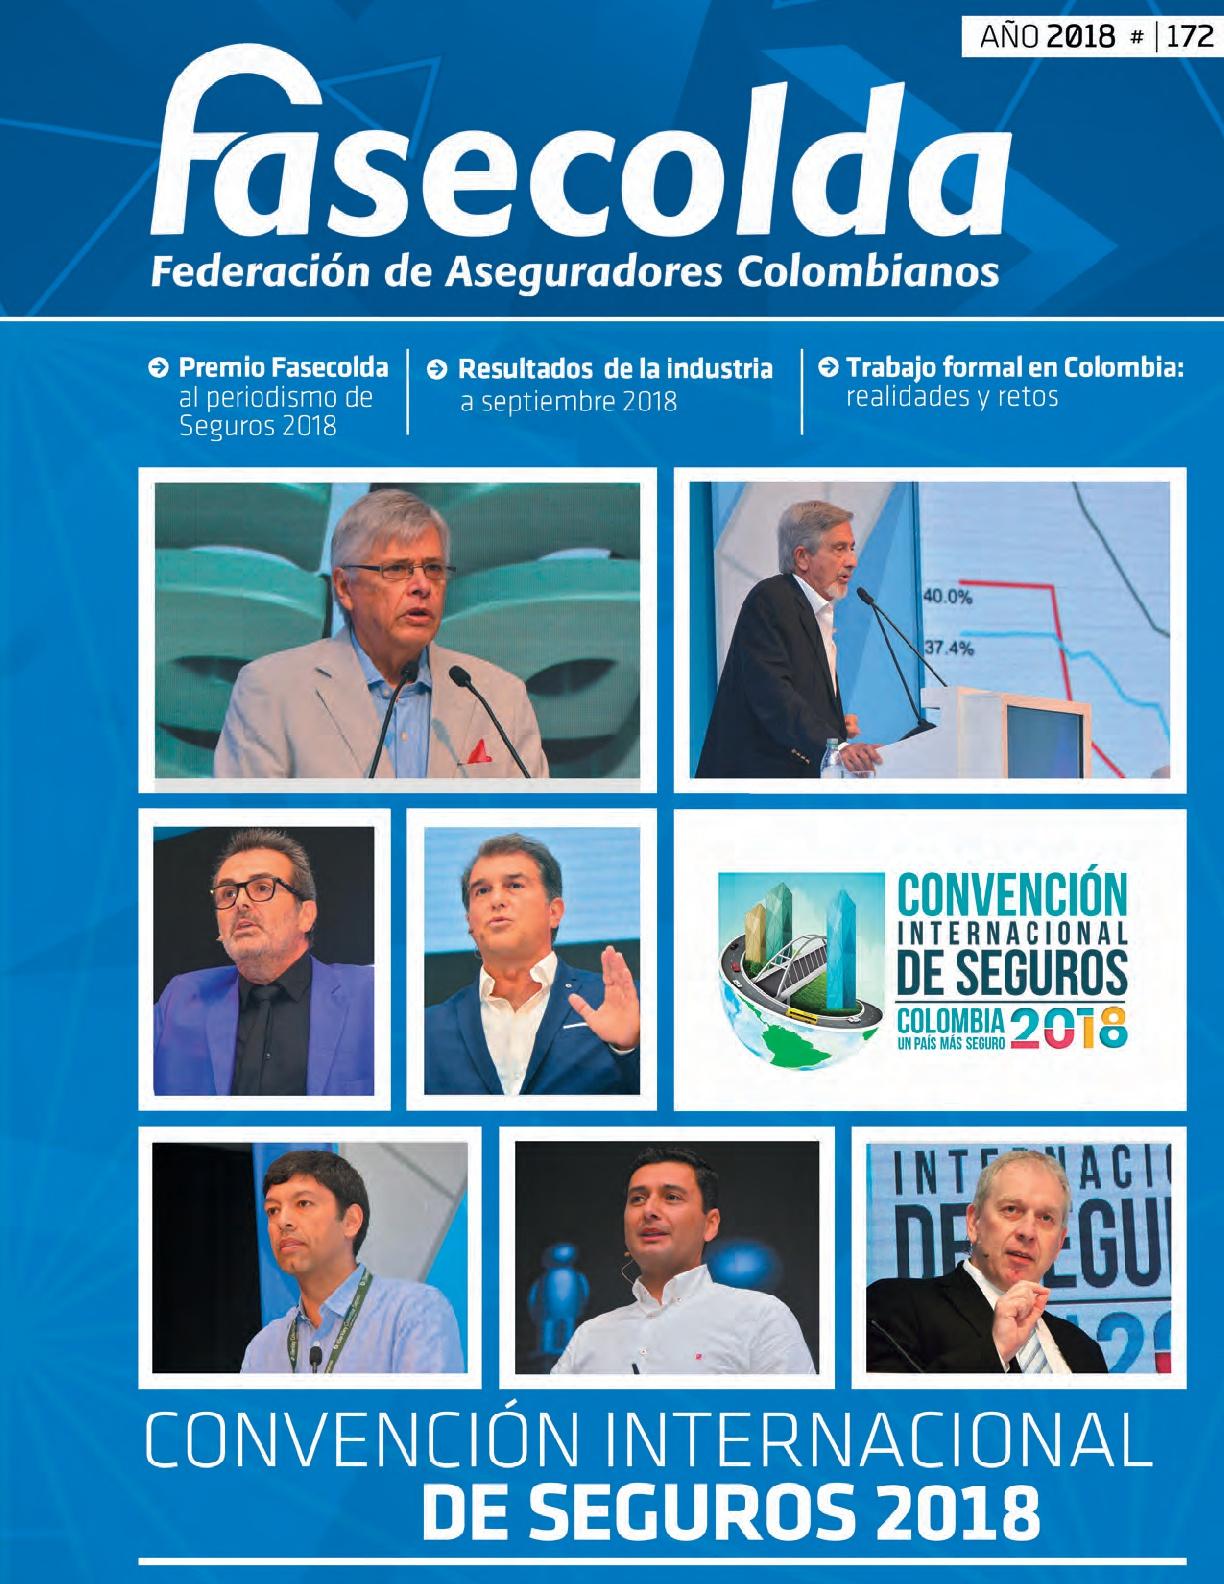 Fasecolda Federación de Aseguradores Colombianos Número 172 año 2018. Convención internacional de seguros 2018